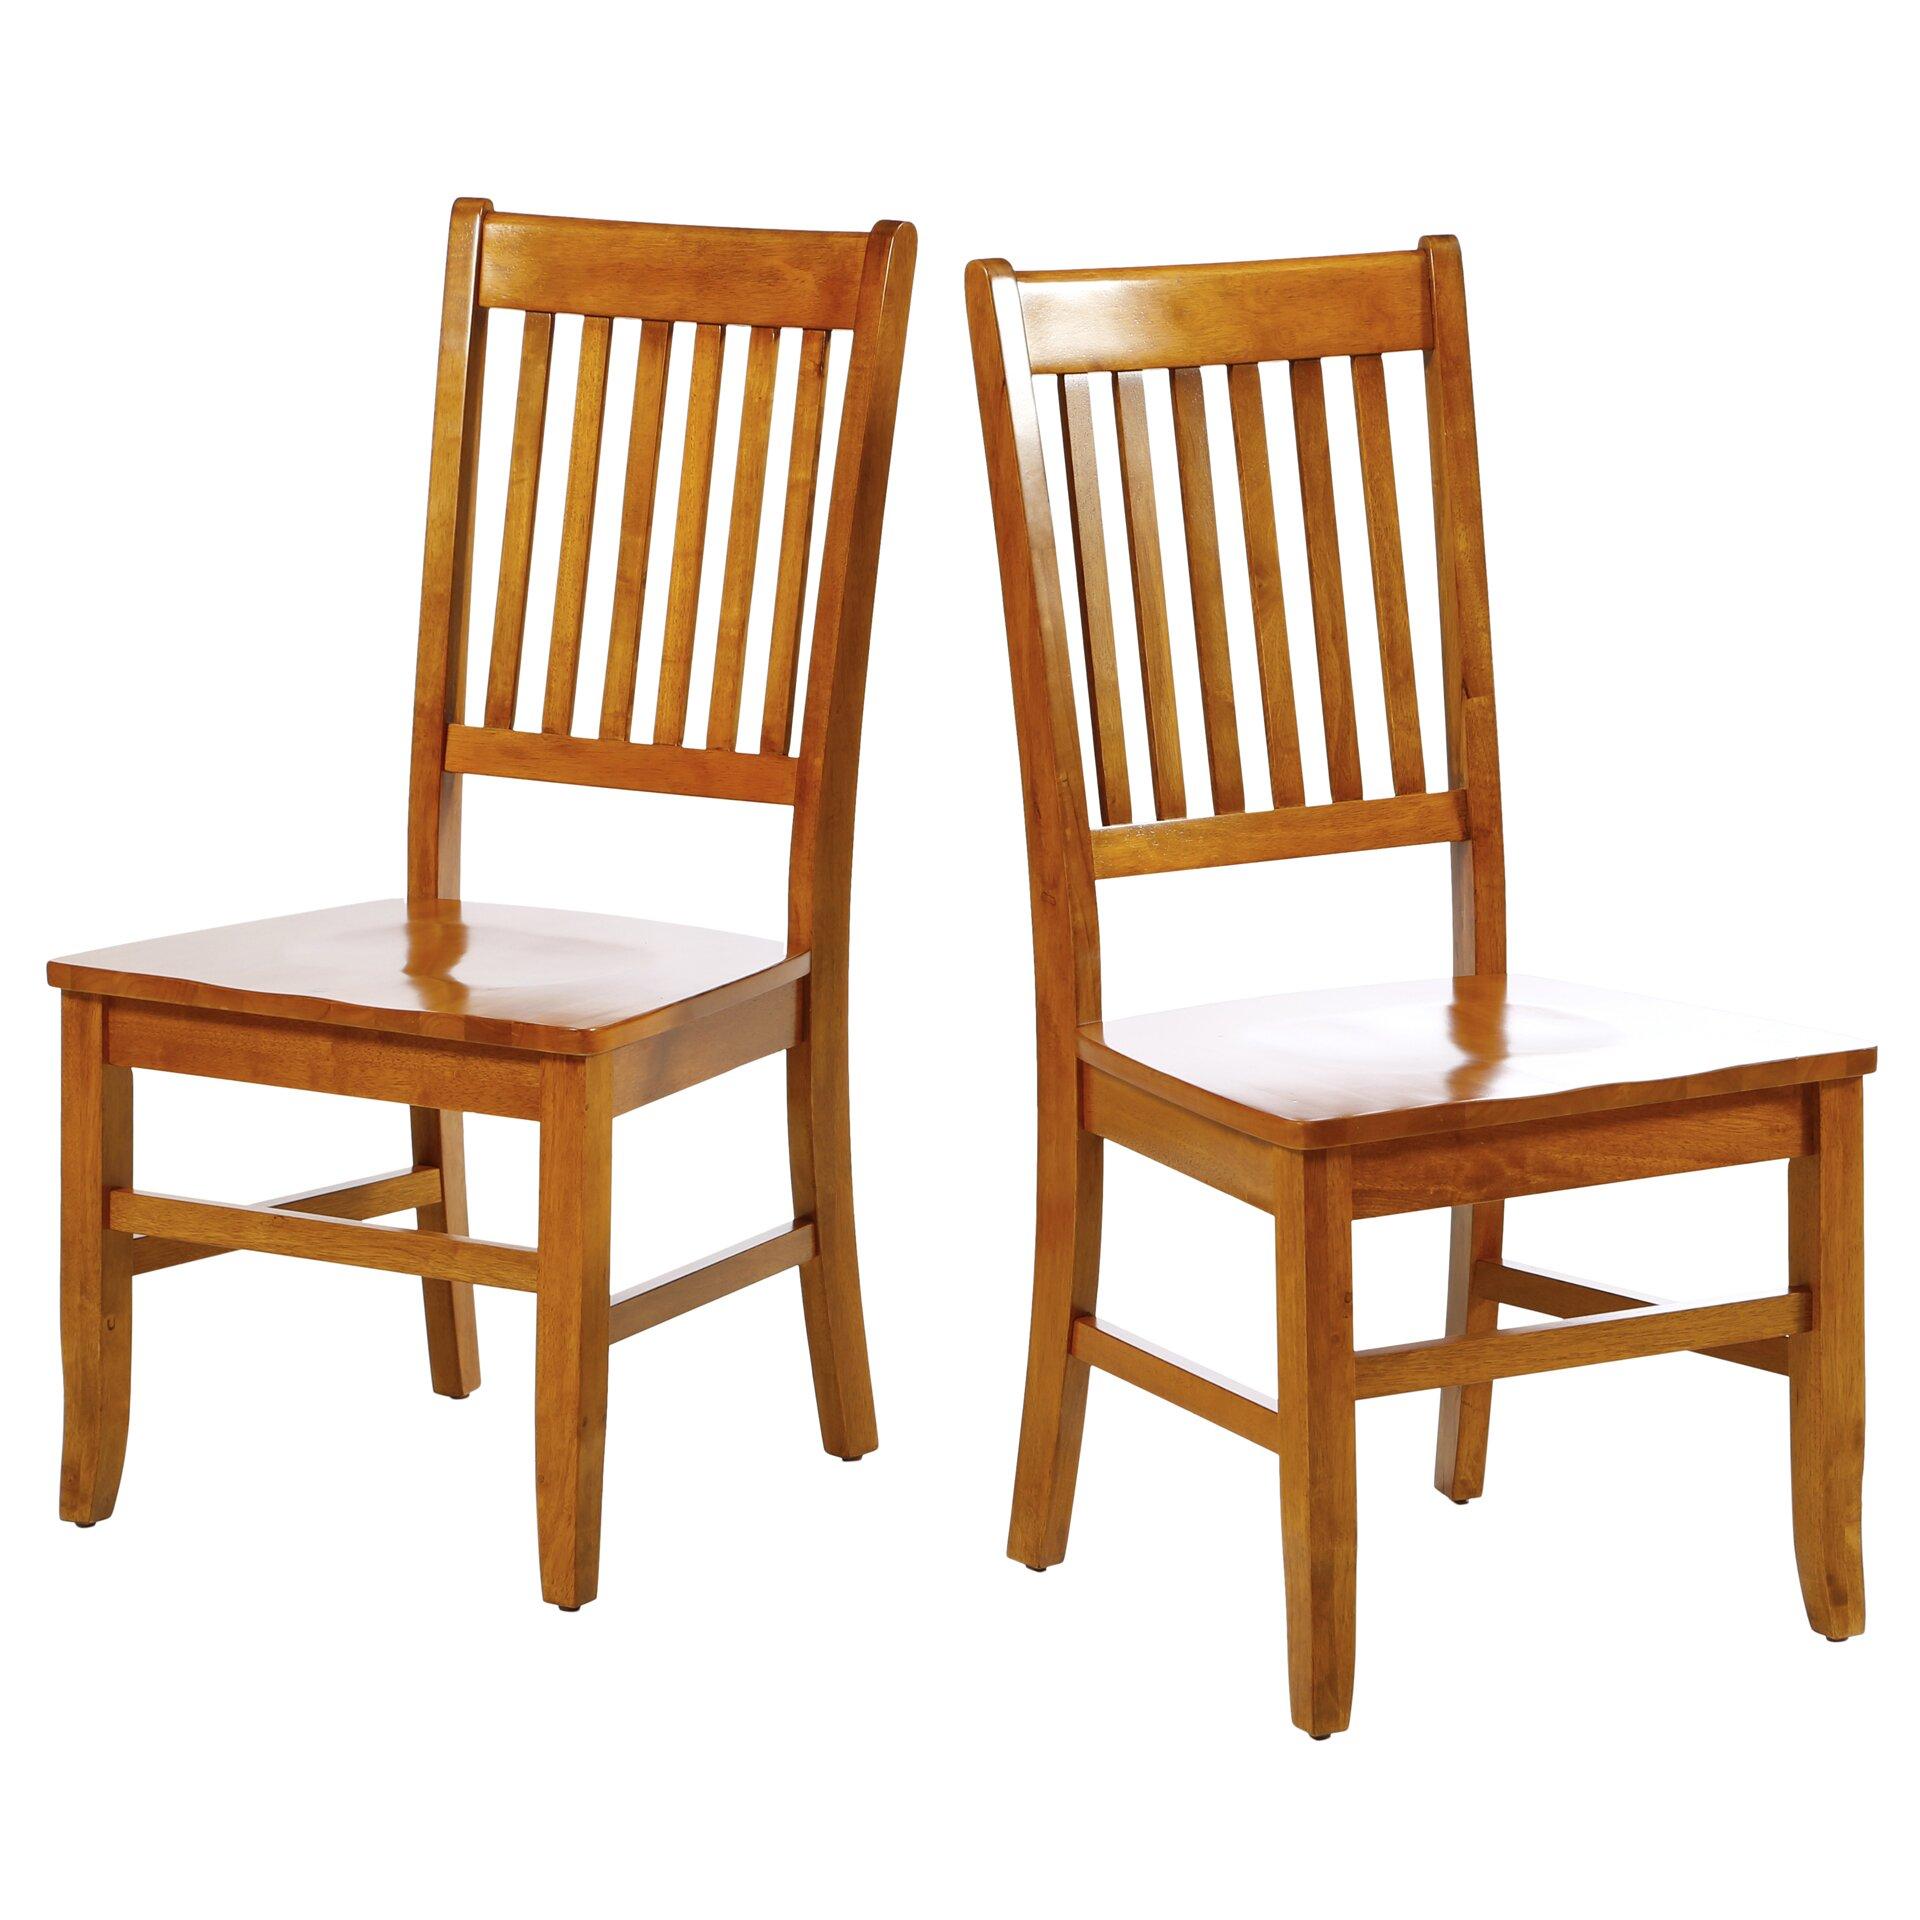 appleton side chair wayfair. Black Bedroom Furniture Sets. Home Design Ideas